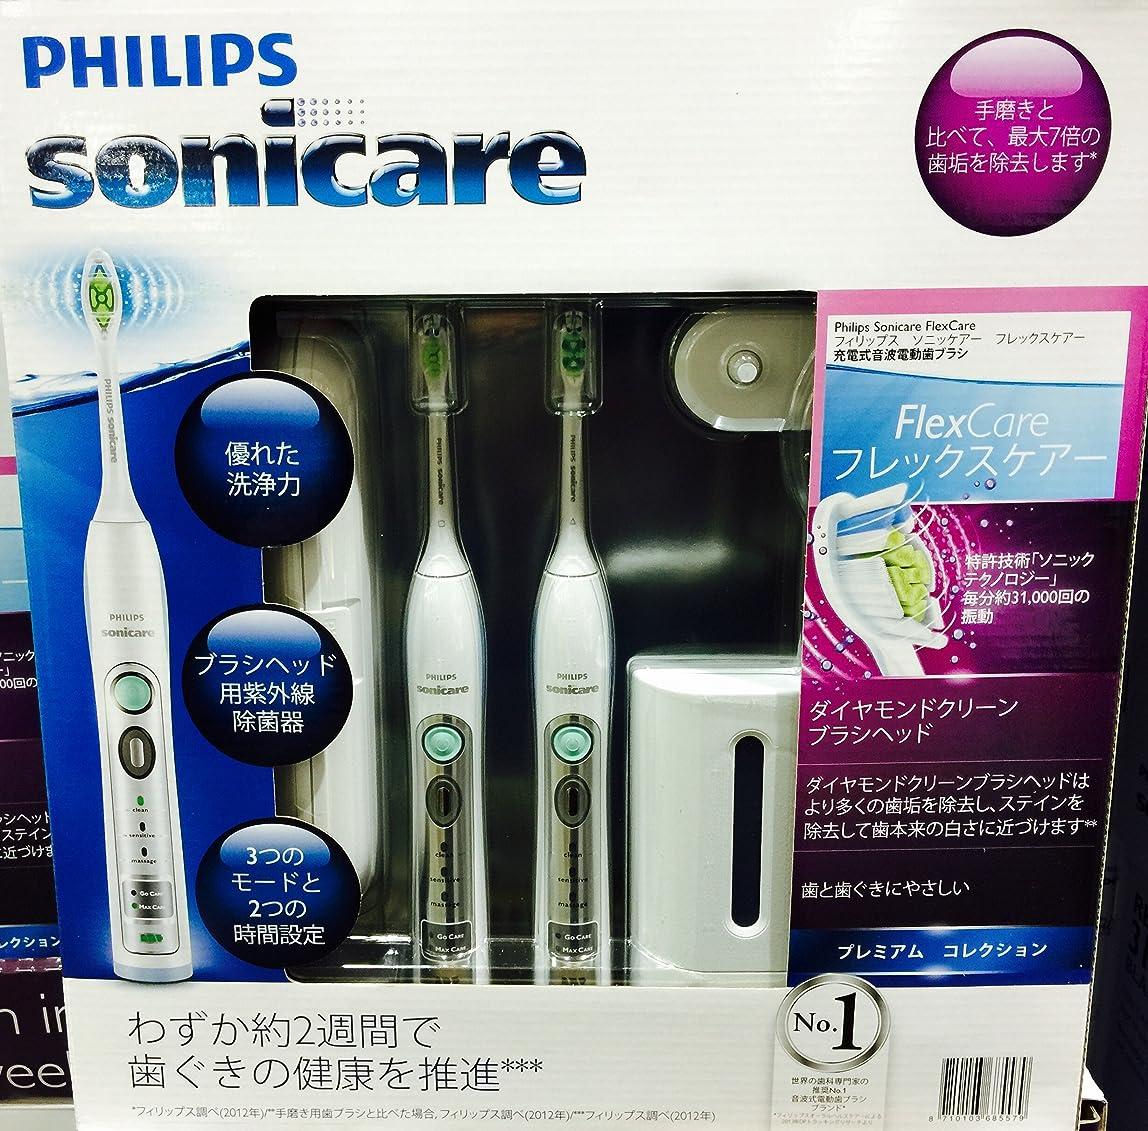 抑圧成果内なるPHILIPS Sonicare FlexCare フィリップス 電動歯ブラシ ソニッケアー フレックスケアー プレミアムコレクション 本体2本 紫外線除菌チャージャー ダイヤモンドクリーンヘッドブラシ HX6962/72